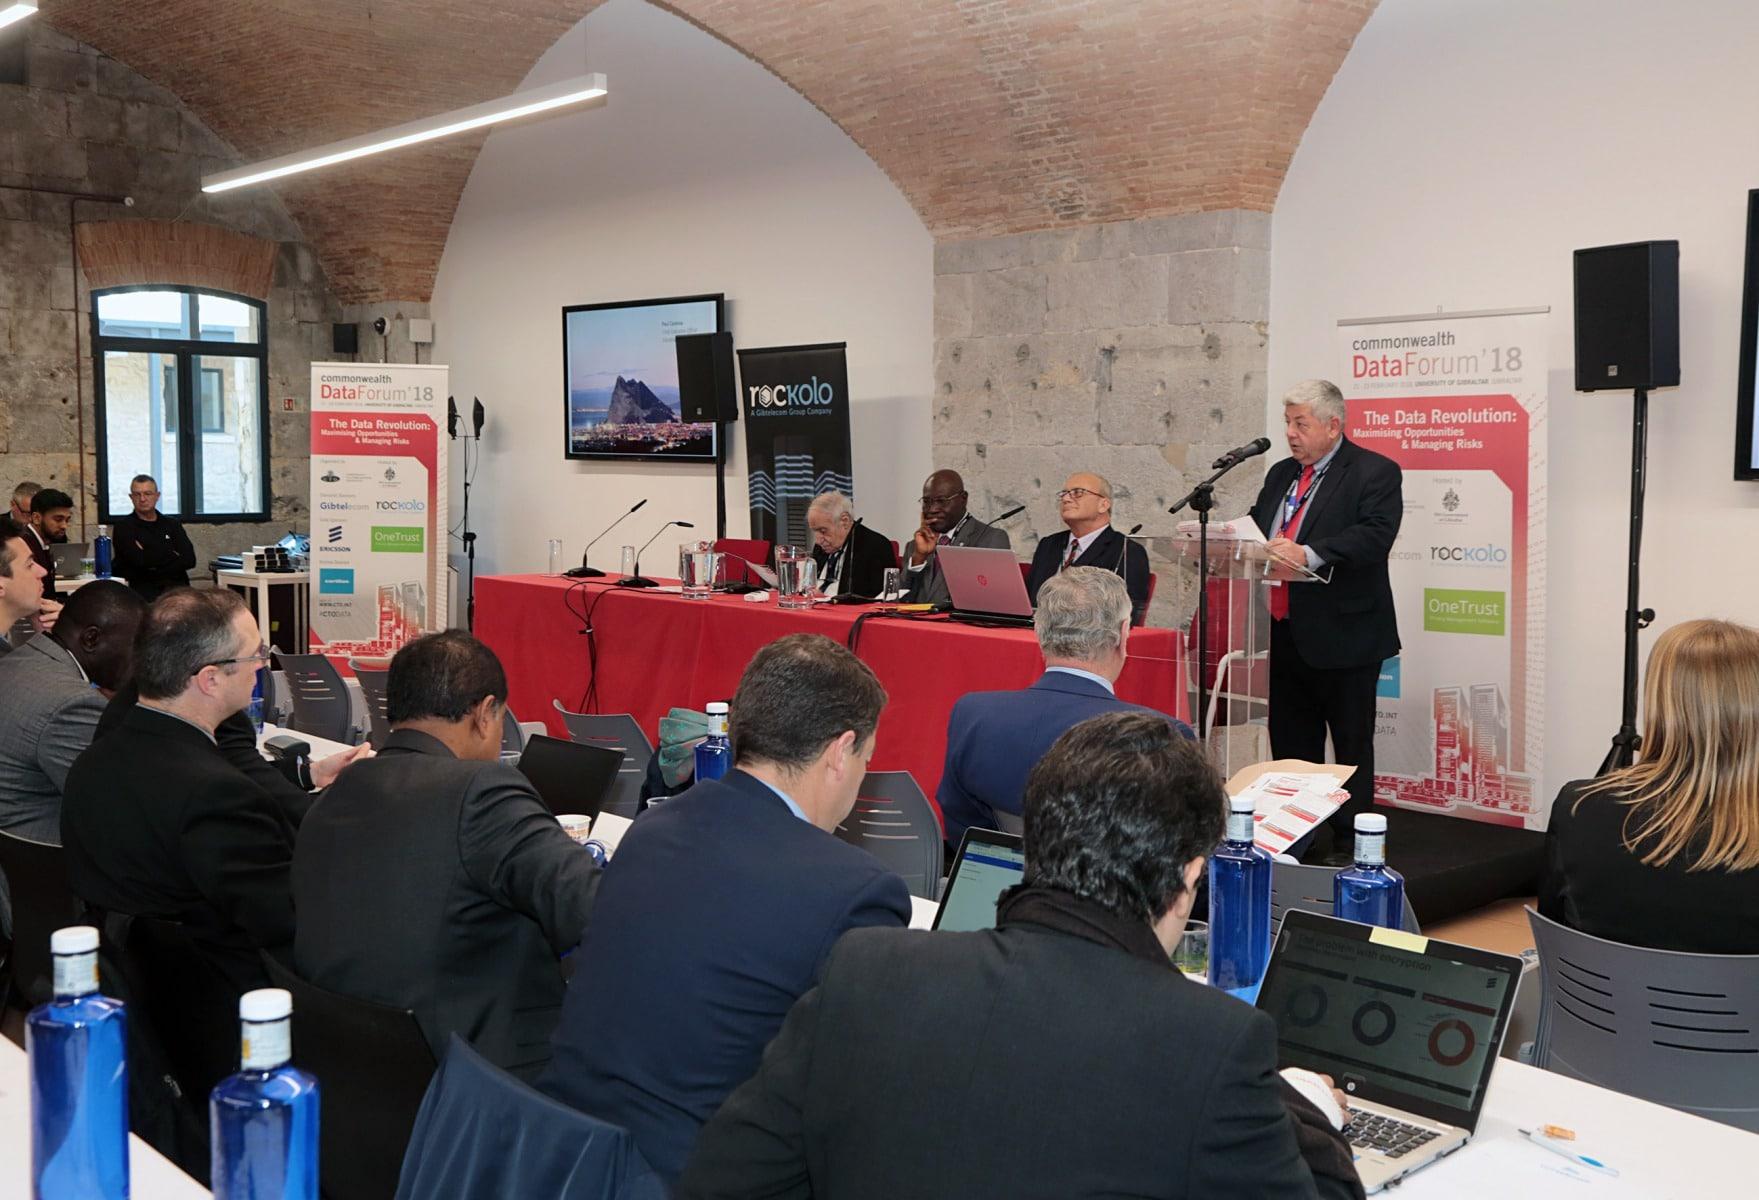 conferencia-sobre-telecomunicaciones-de-la-commonwealth_40401110441_o